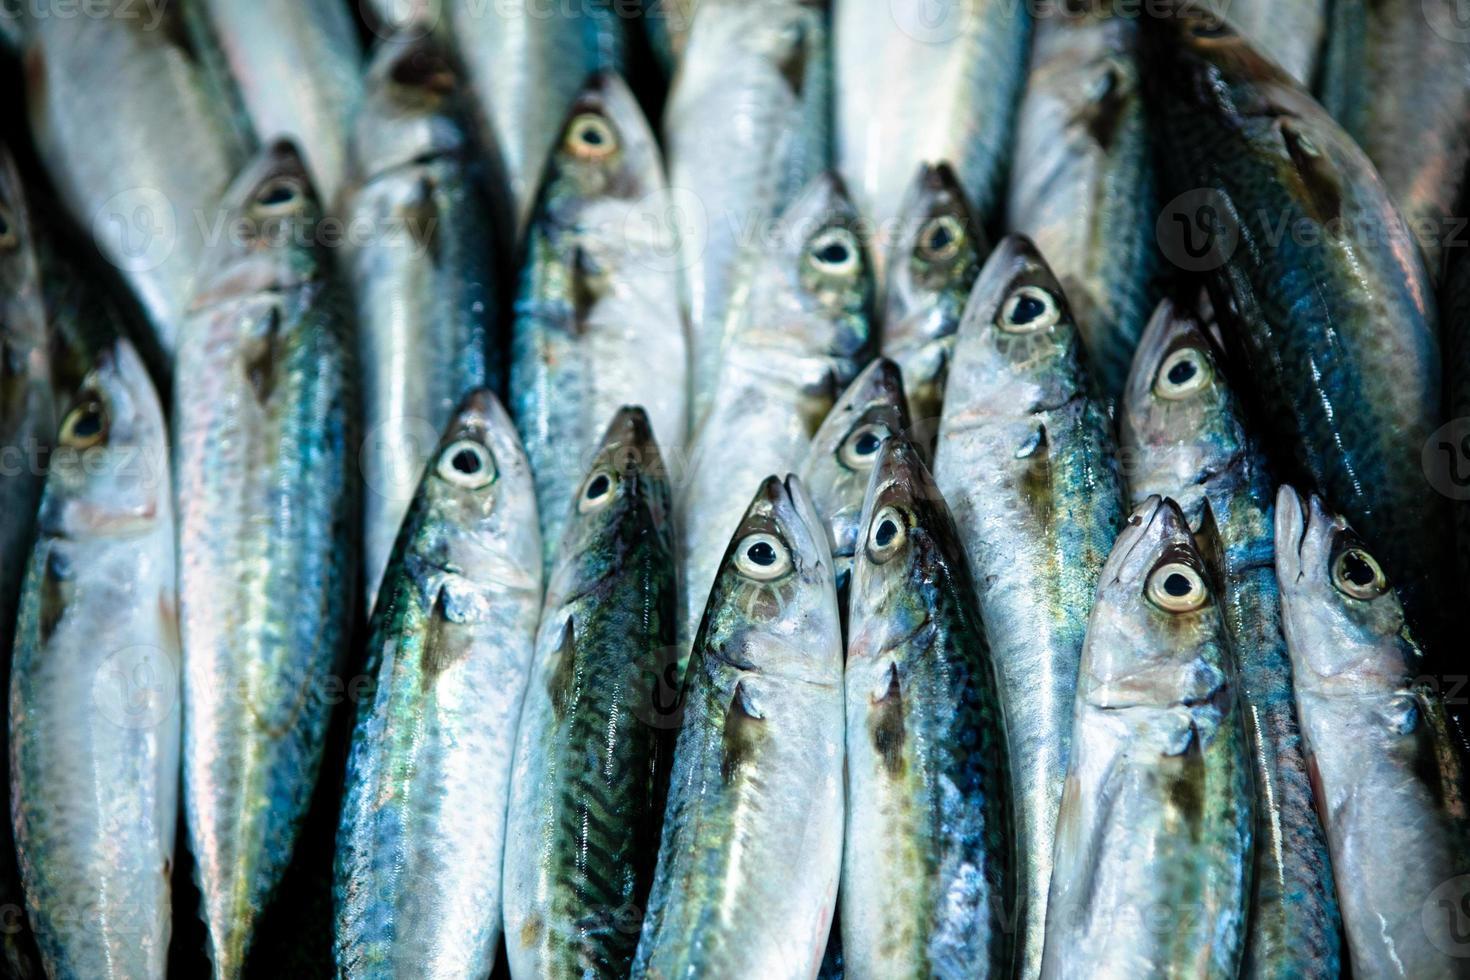 mucchio di pesce in vendita al mercato foto